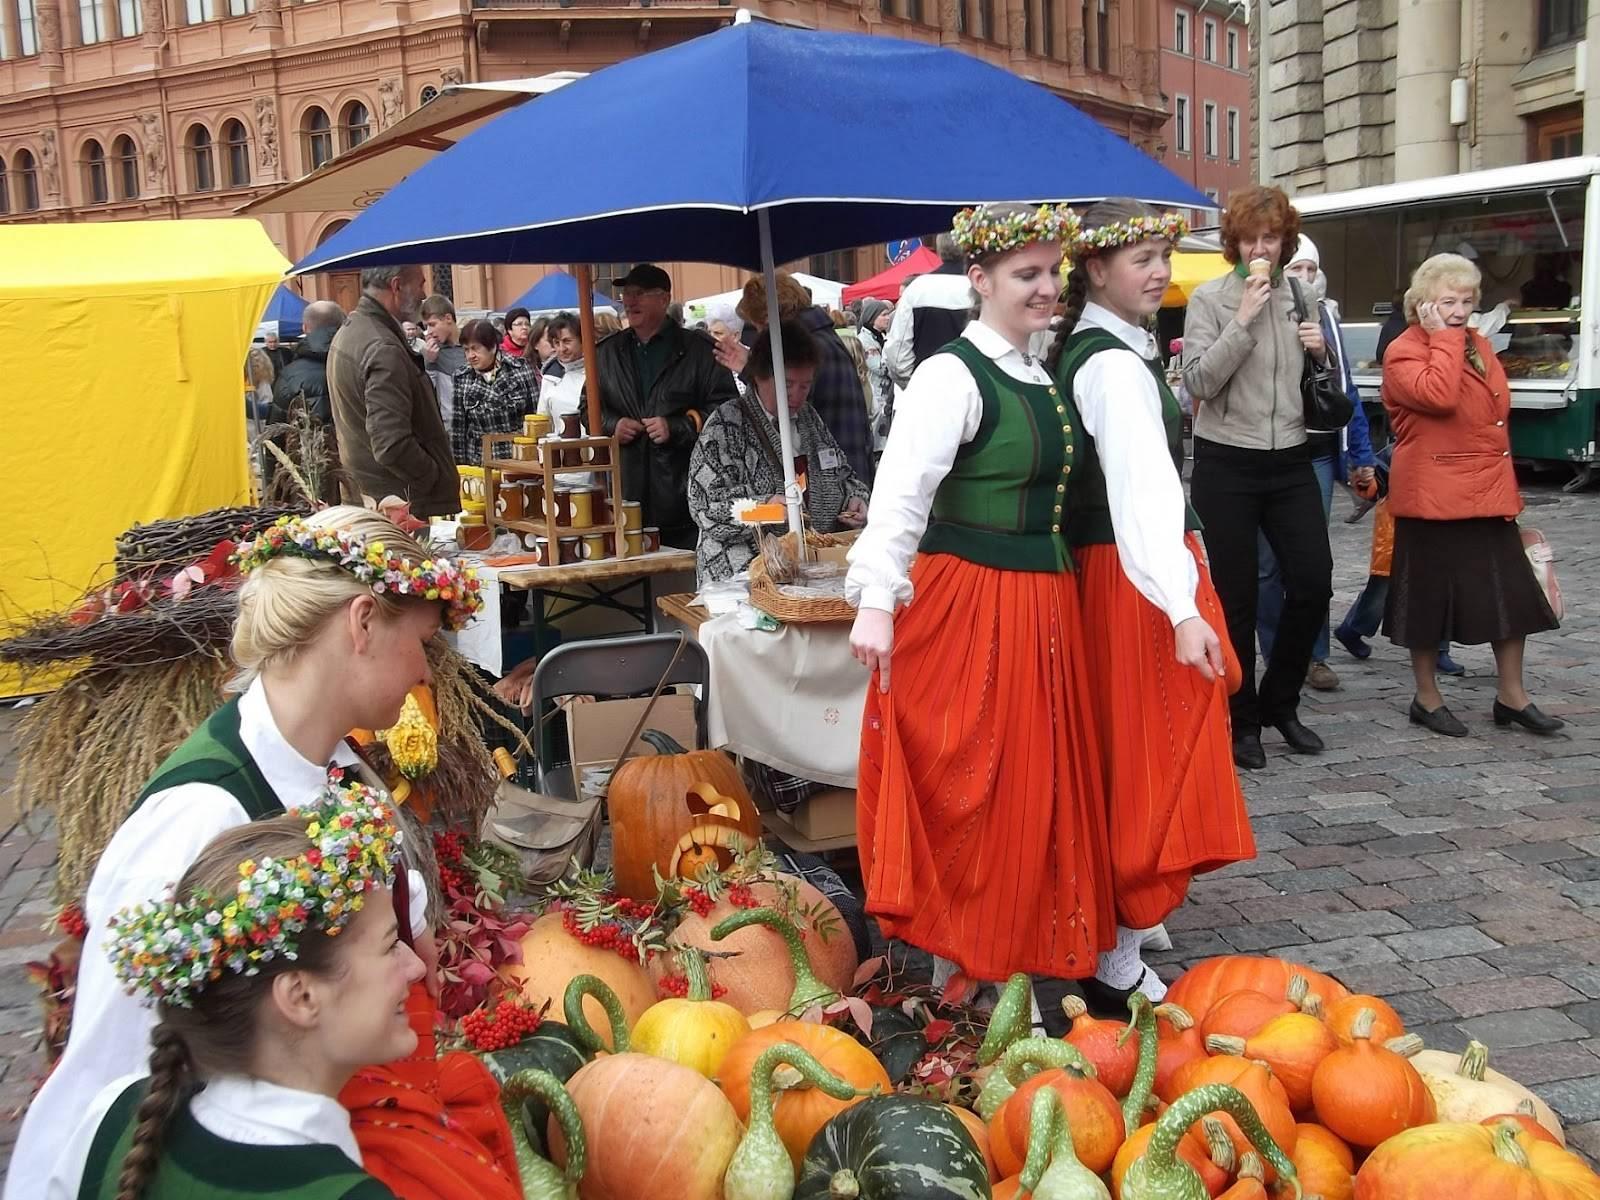 Erntedankfest - немецкий фестиваль урожая. немецкие праздники и традиции.